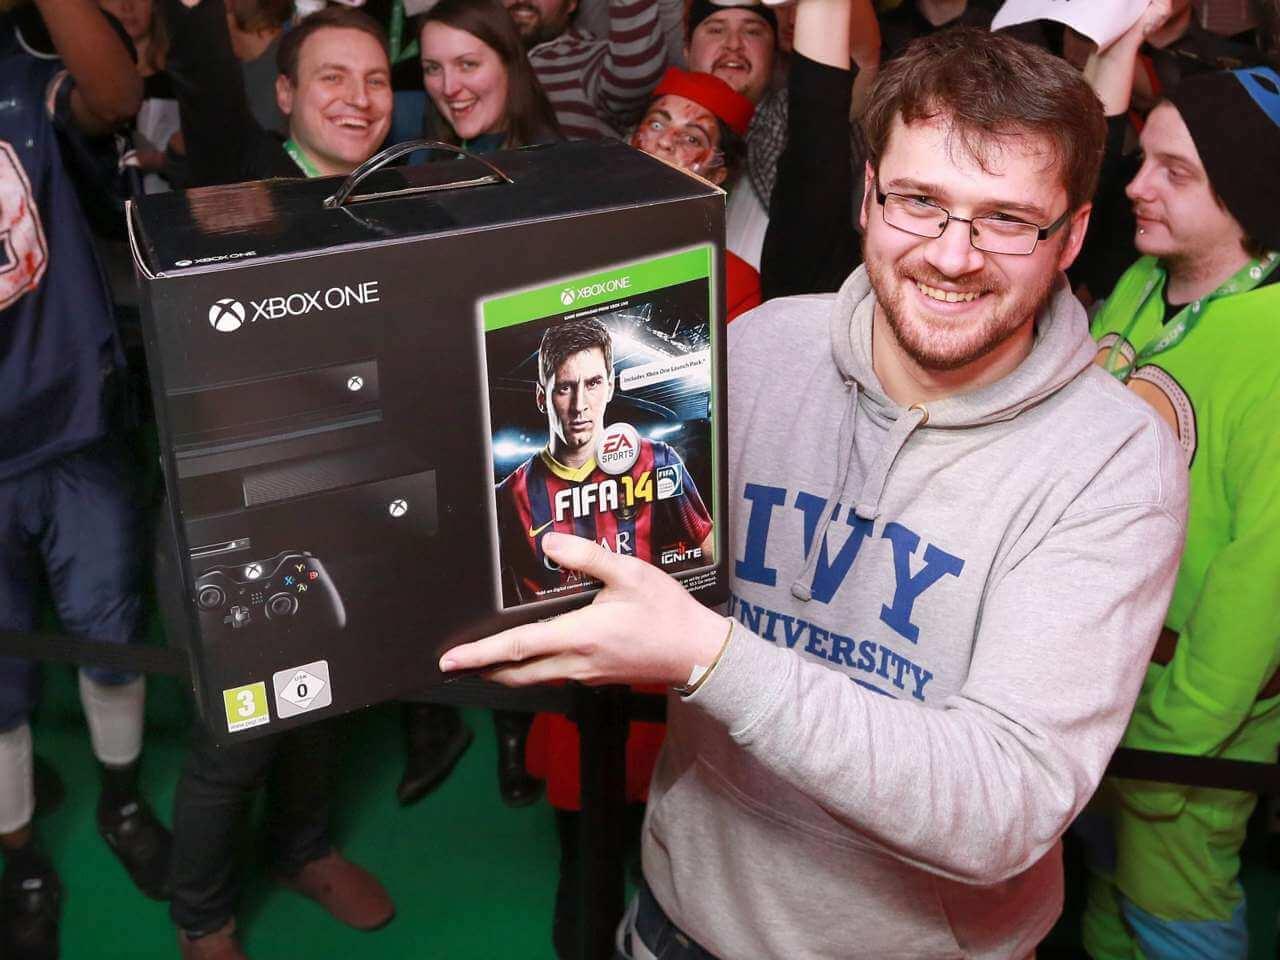 Продано 2 миллиона Xbox One